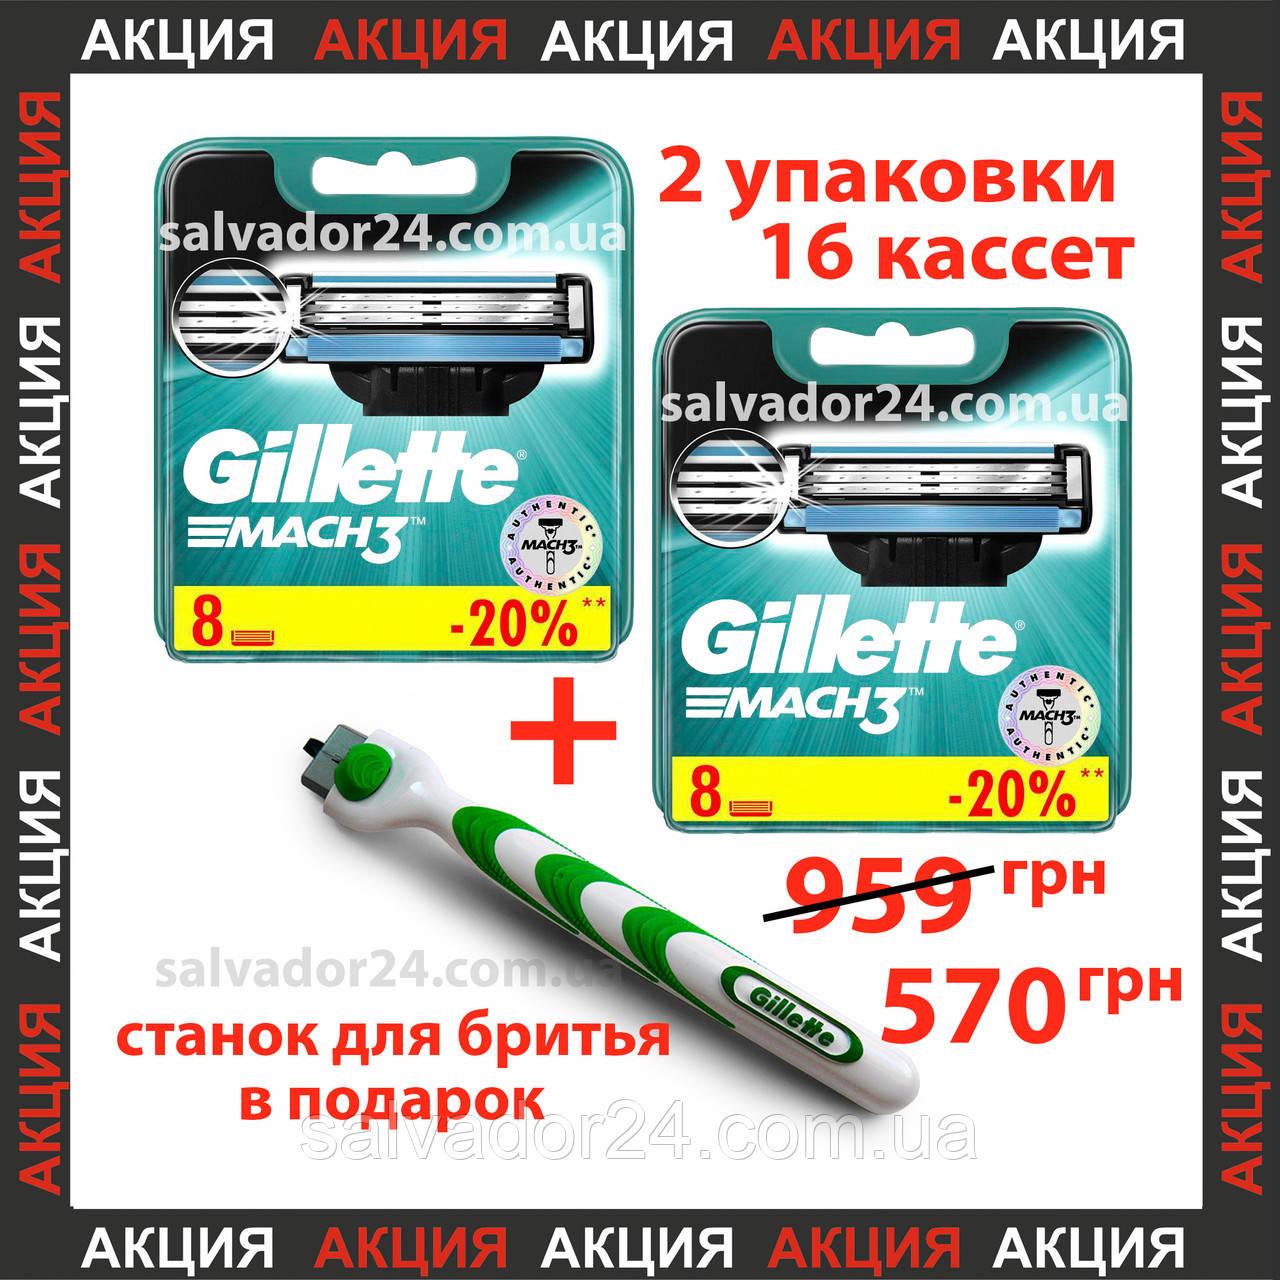 Gillette Mach3 16 шт. в упаковке, новый тип картриджа + станок для бритья